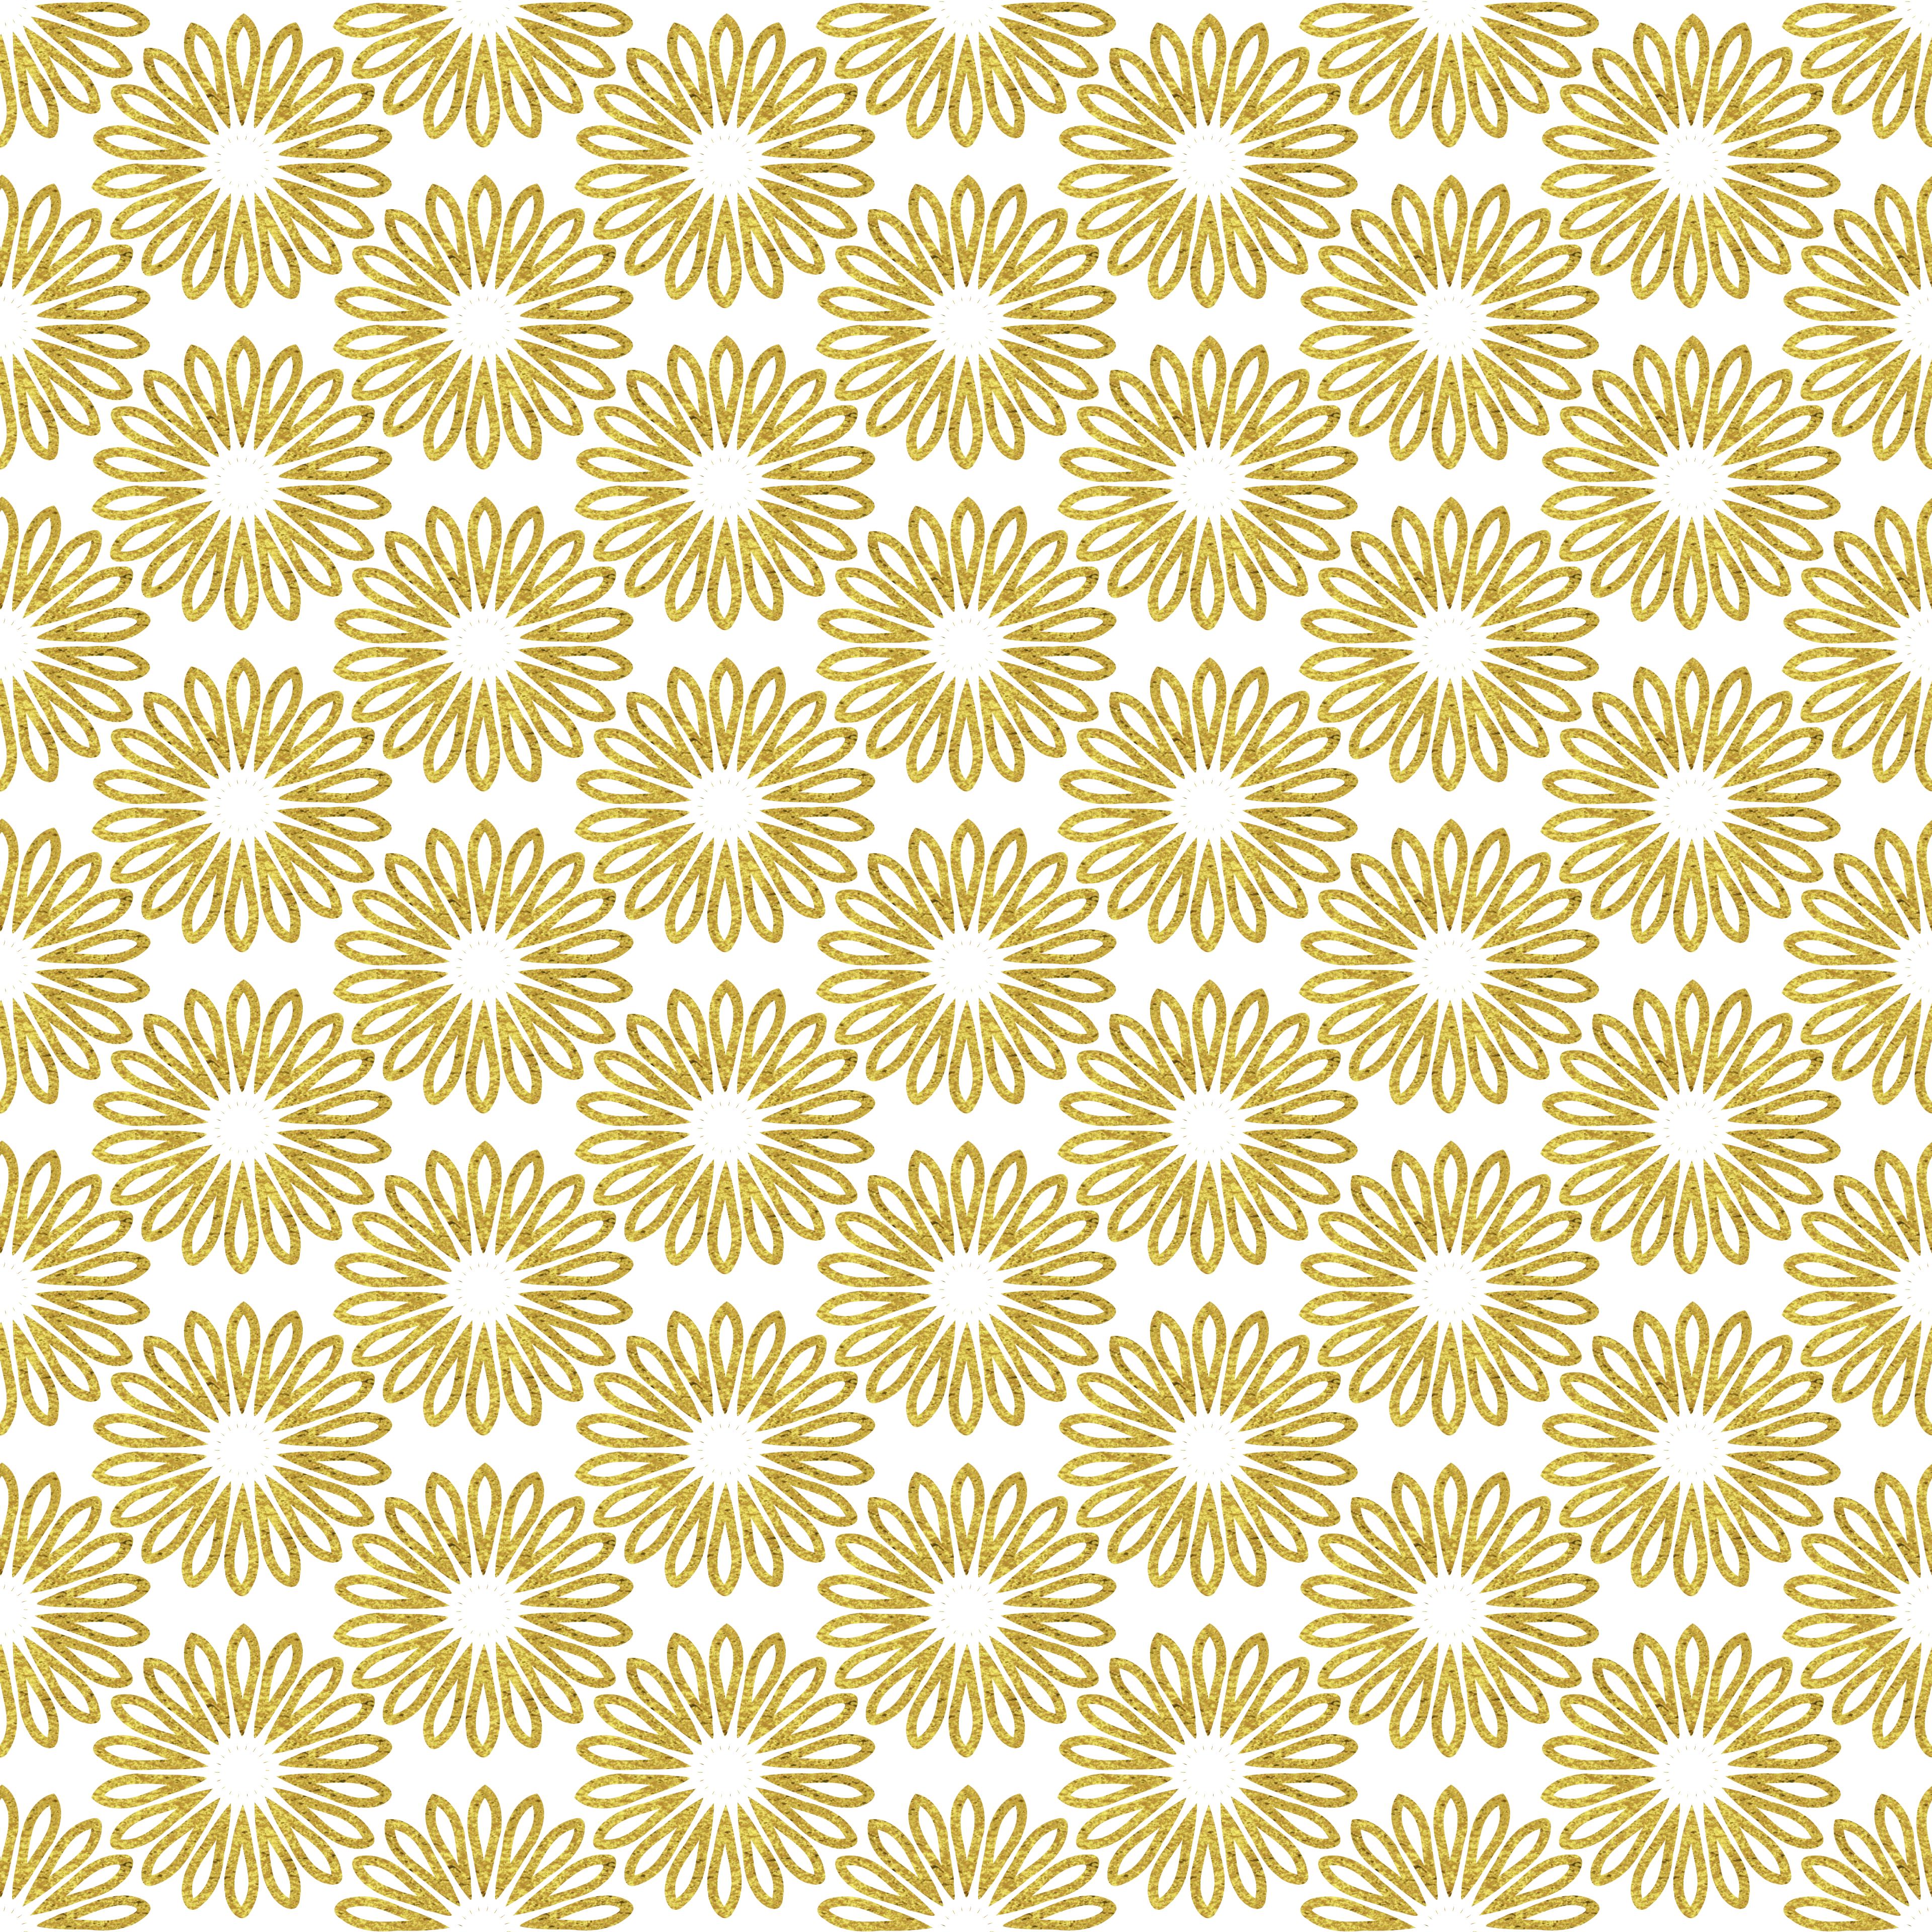 Ornate Floral Pattern Designs Floral Pattern Design Pattern